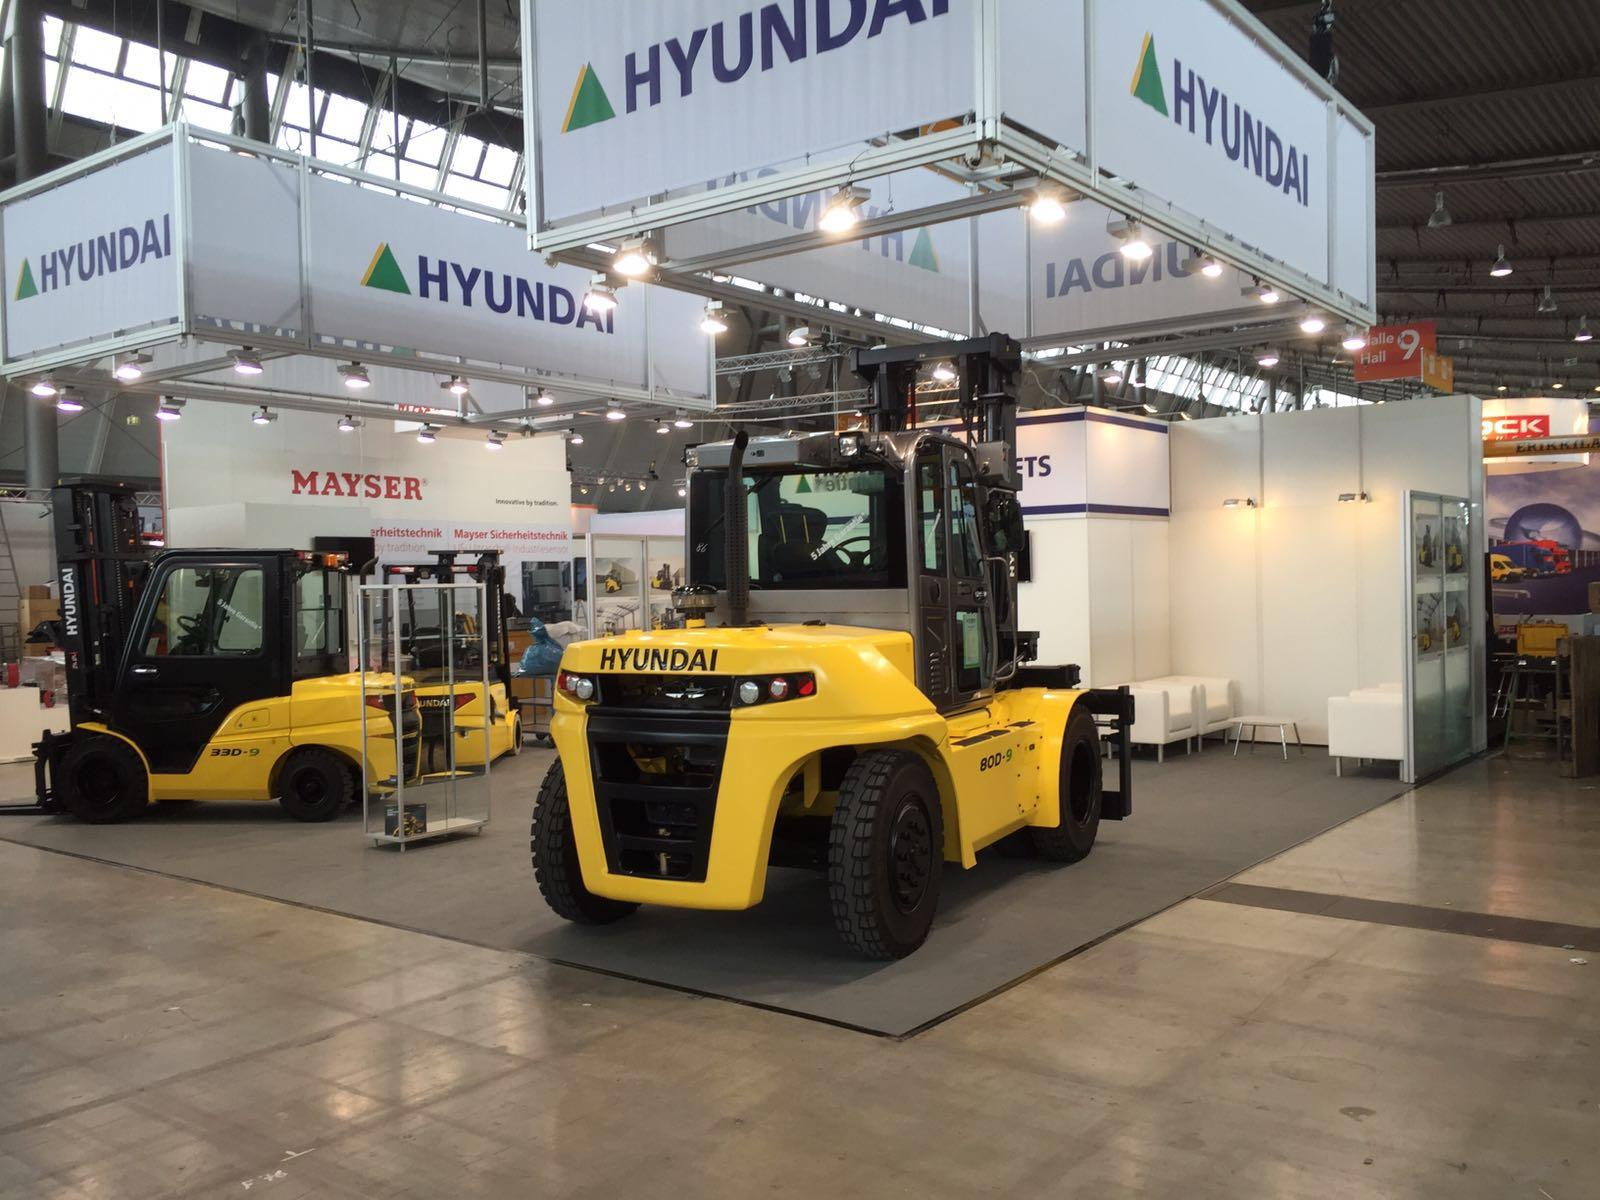 Hyundai Kloz Logimat Messe 2016